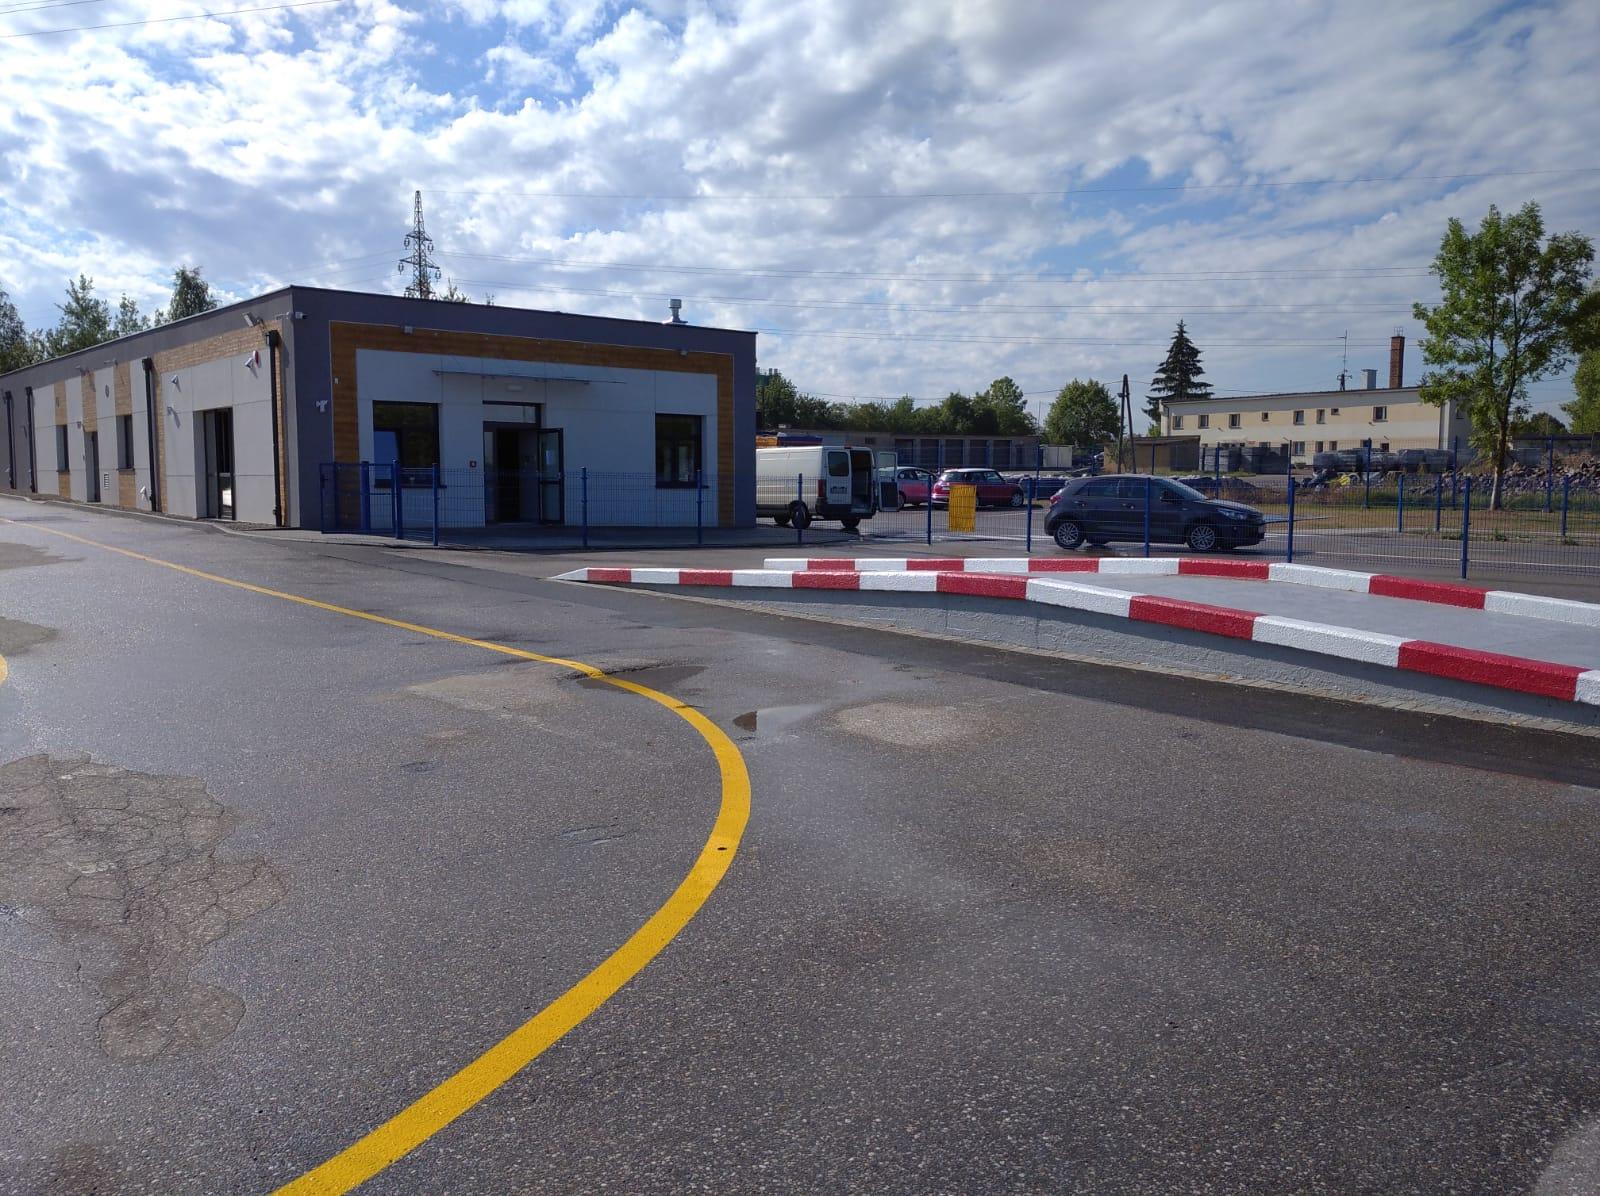 Prawo jazdy zdasz w Chojnicach. Działa już nowy oddział Pomorskiego Ośrodka Ruchu Drogowego